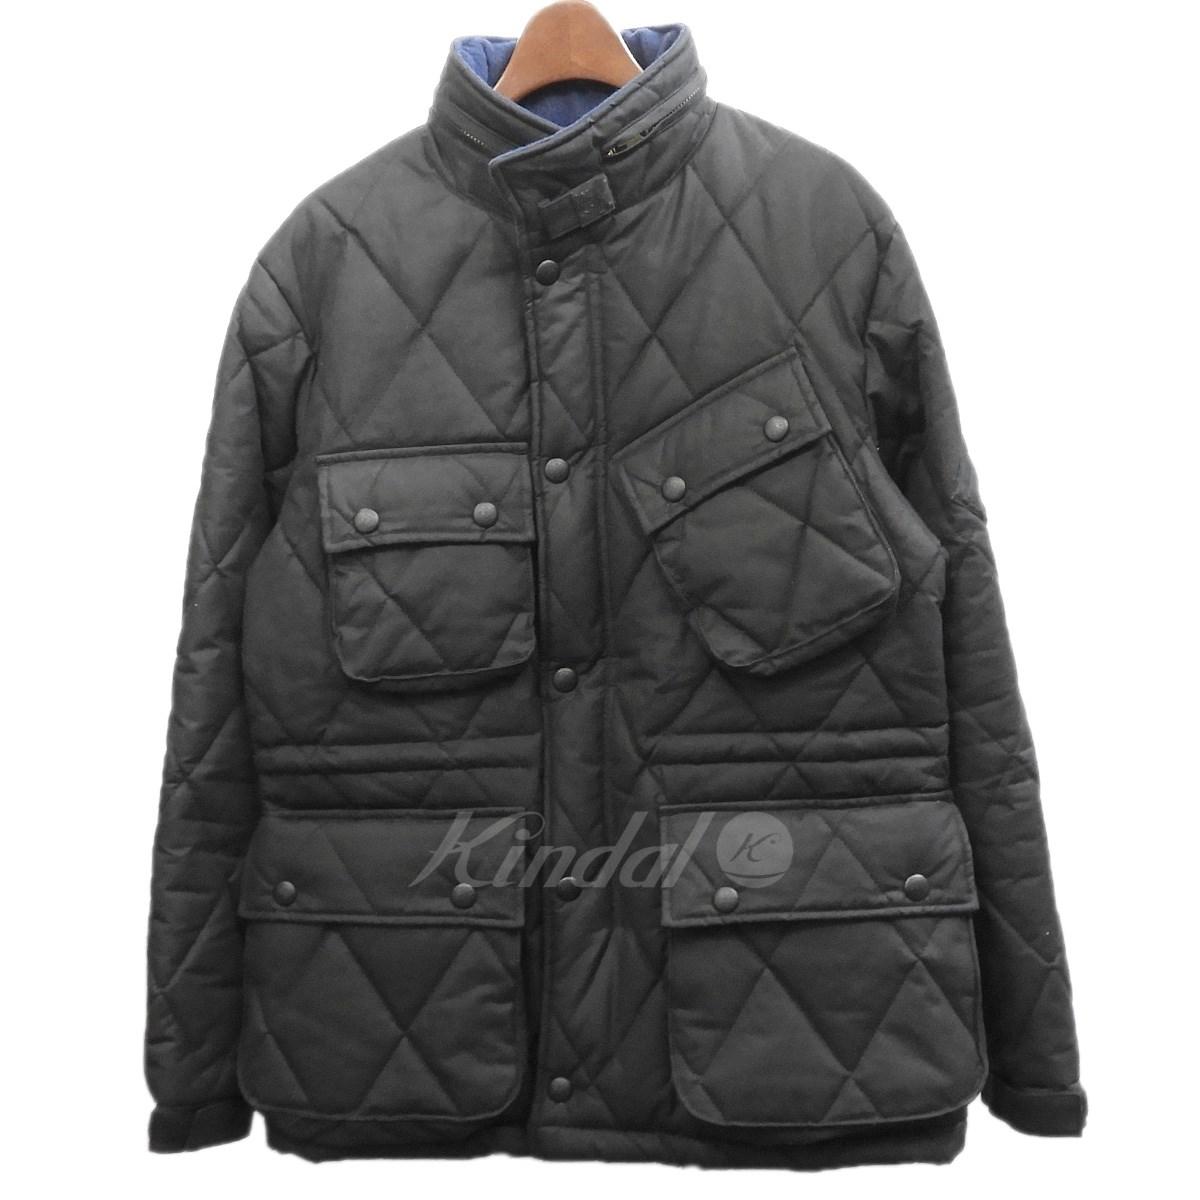 【中古】RUDE GALLERY BLACK REBEL×Millerain オイルドジャケット ブラック サイズ:M 【送料無料】 【140319】(ルードギャラリーブラックレベル ミラレーン)